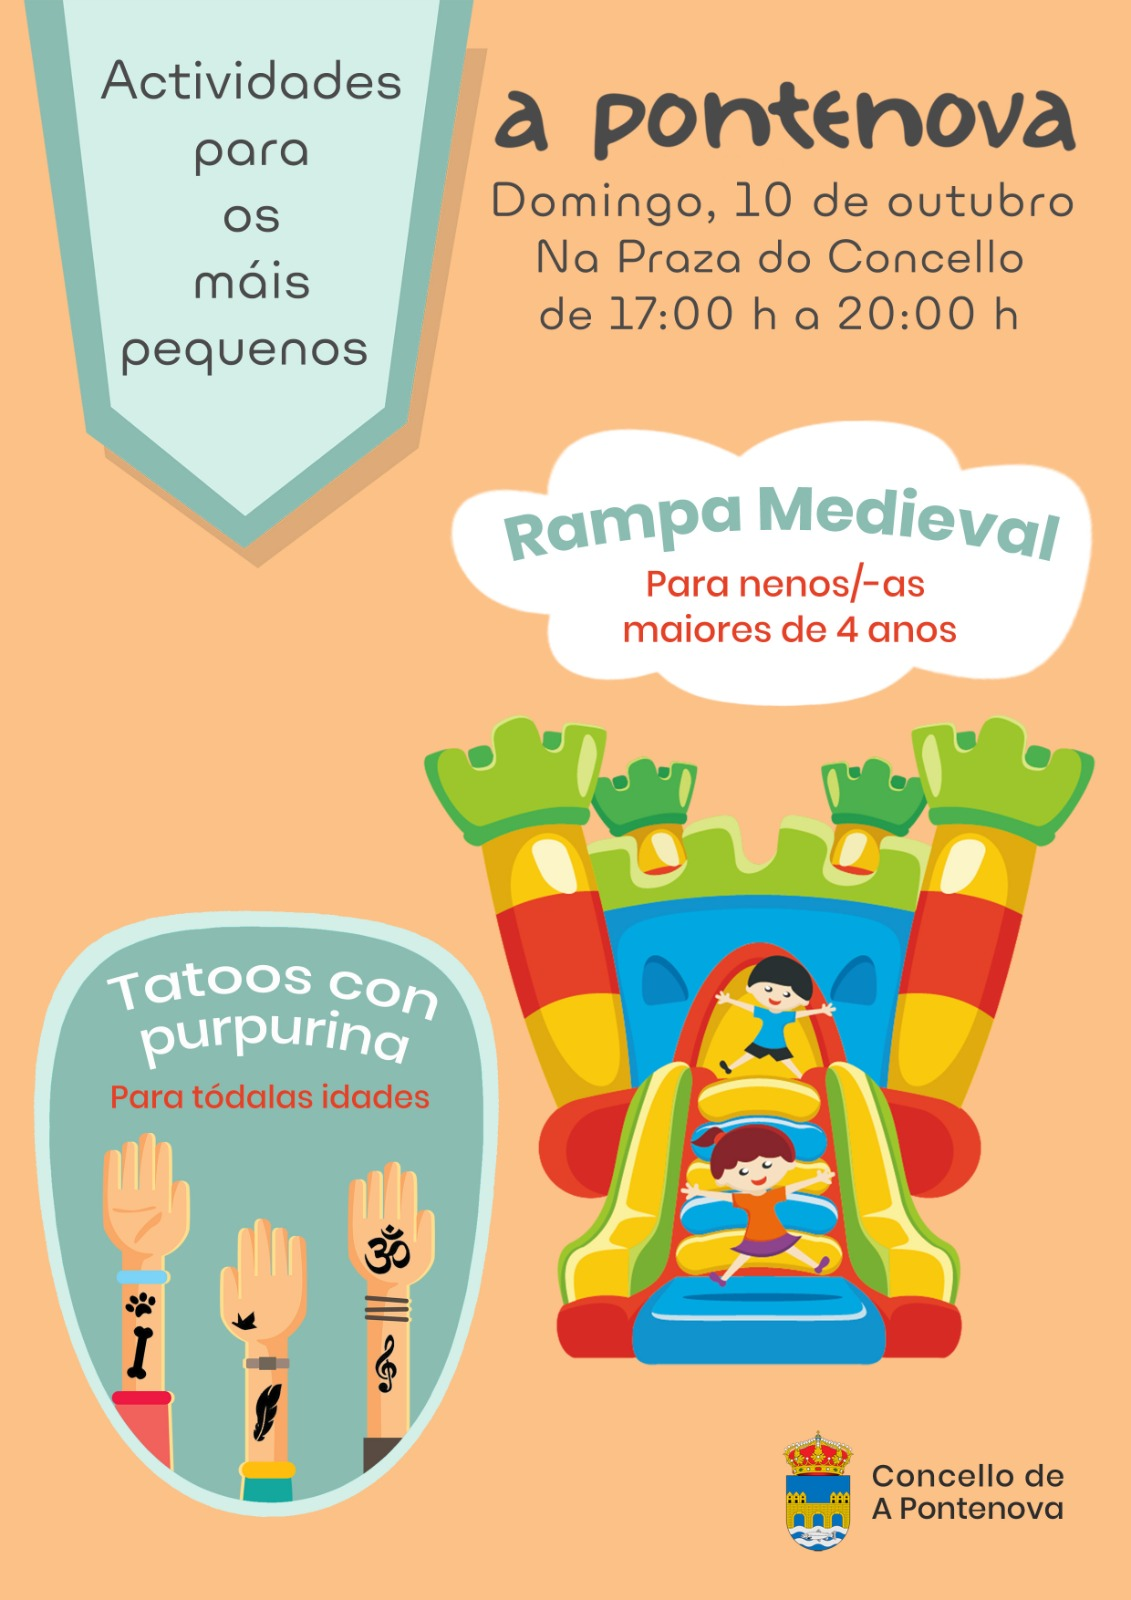 ACTIVIDADES PARA OS MÁIS PEQUENOS DOMINGO 10/10/2021